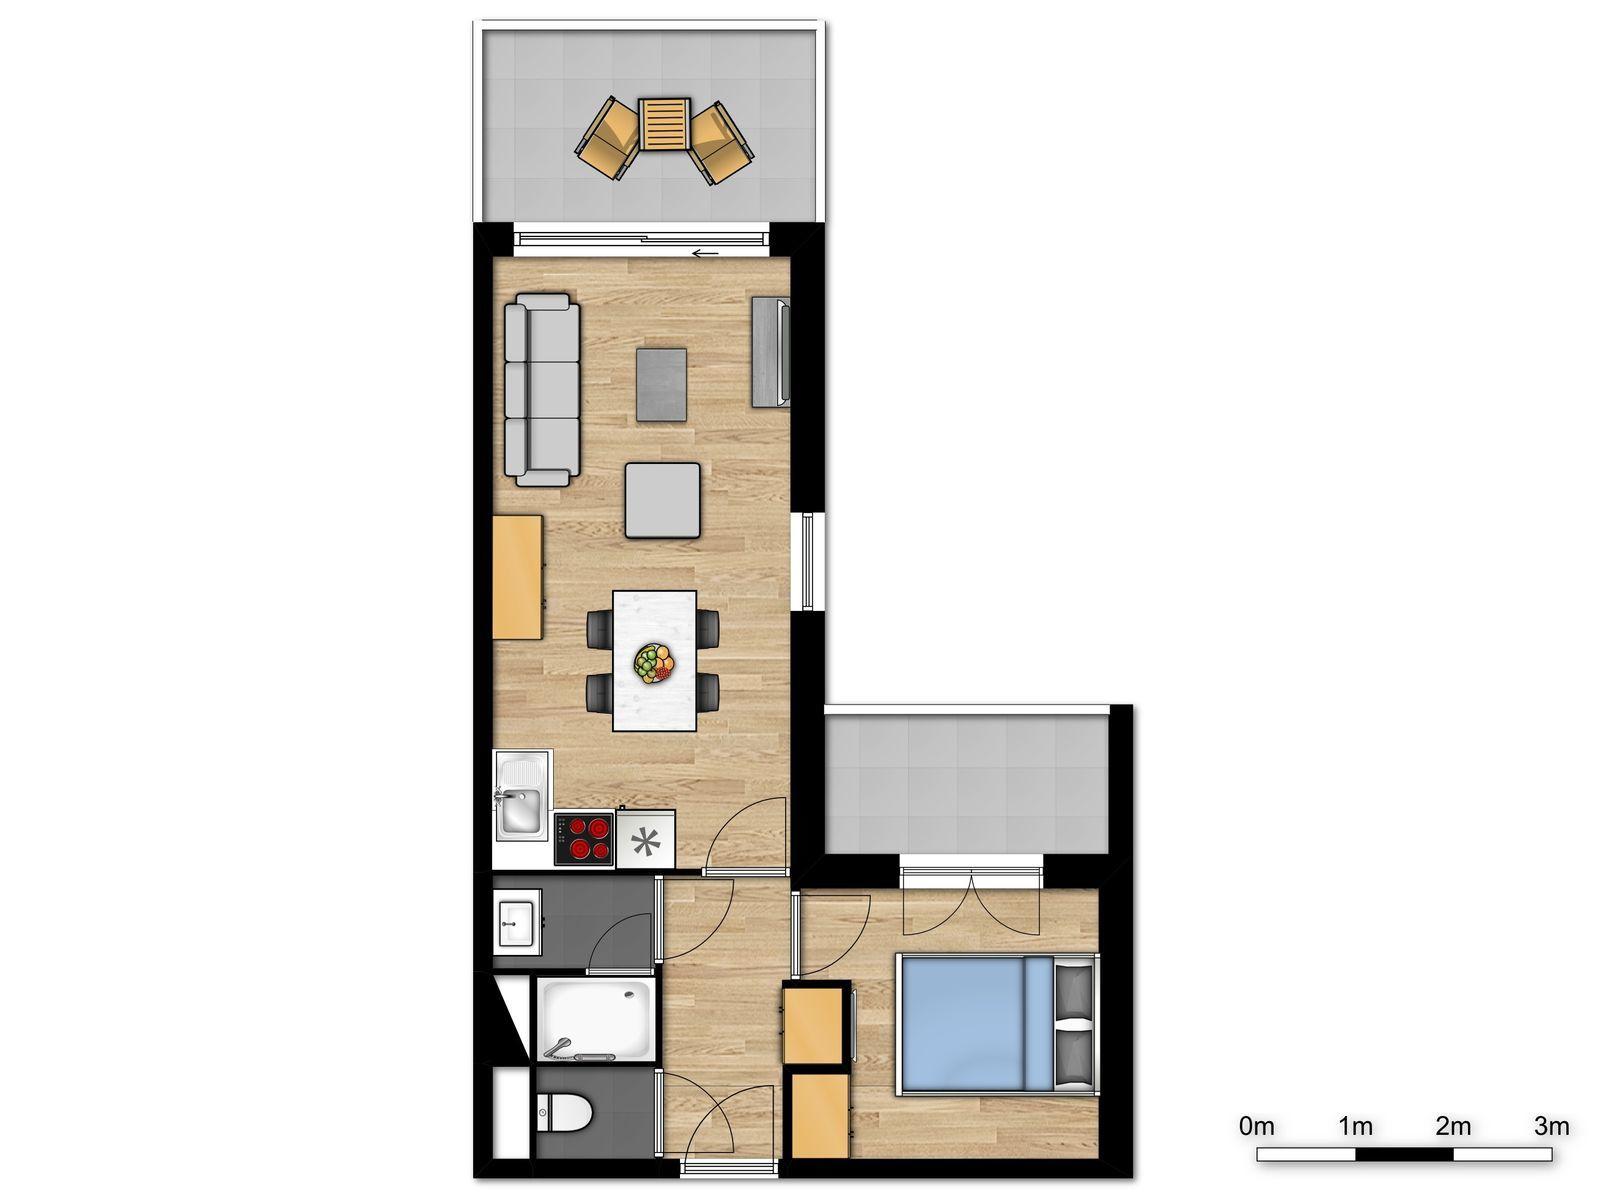 Nieuwe standaard suite voor 4 personen met dubbel bed en zetelbed